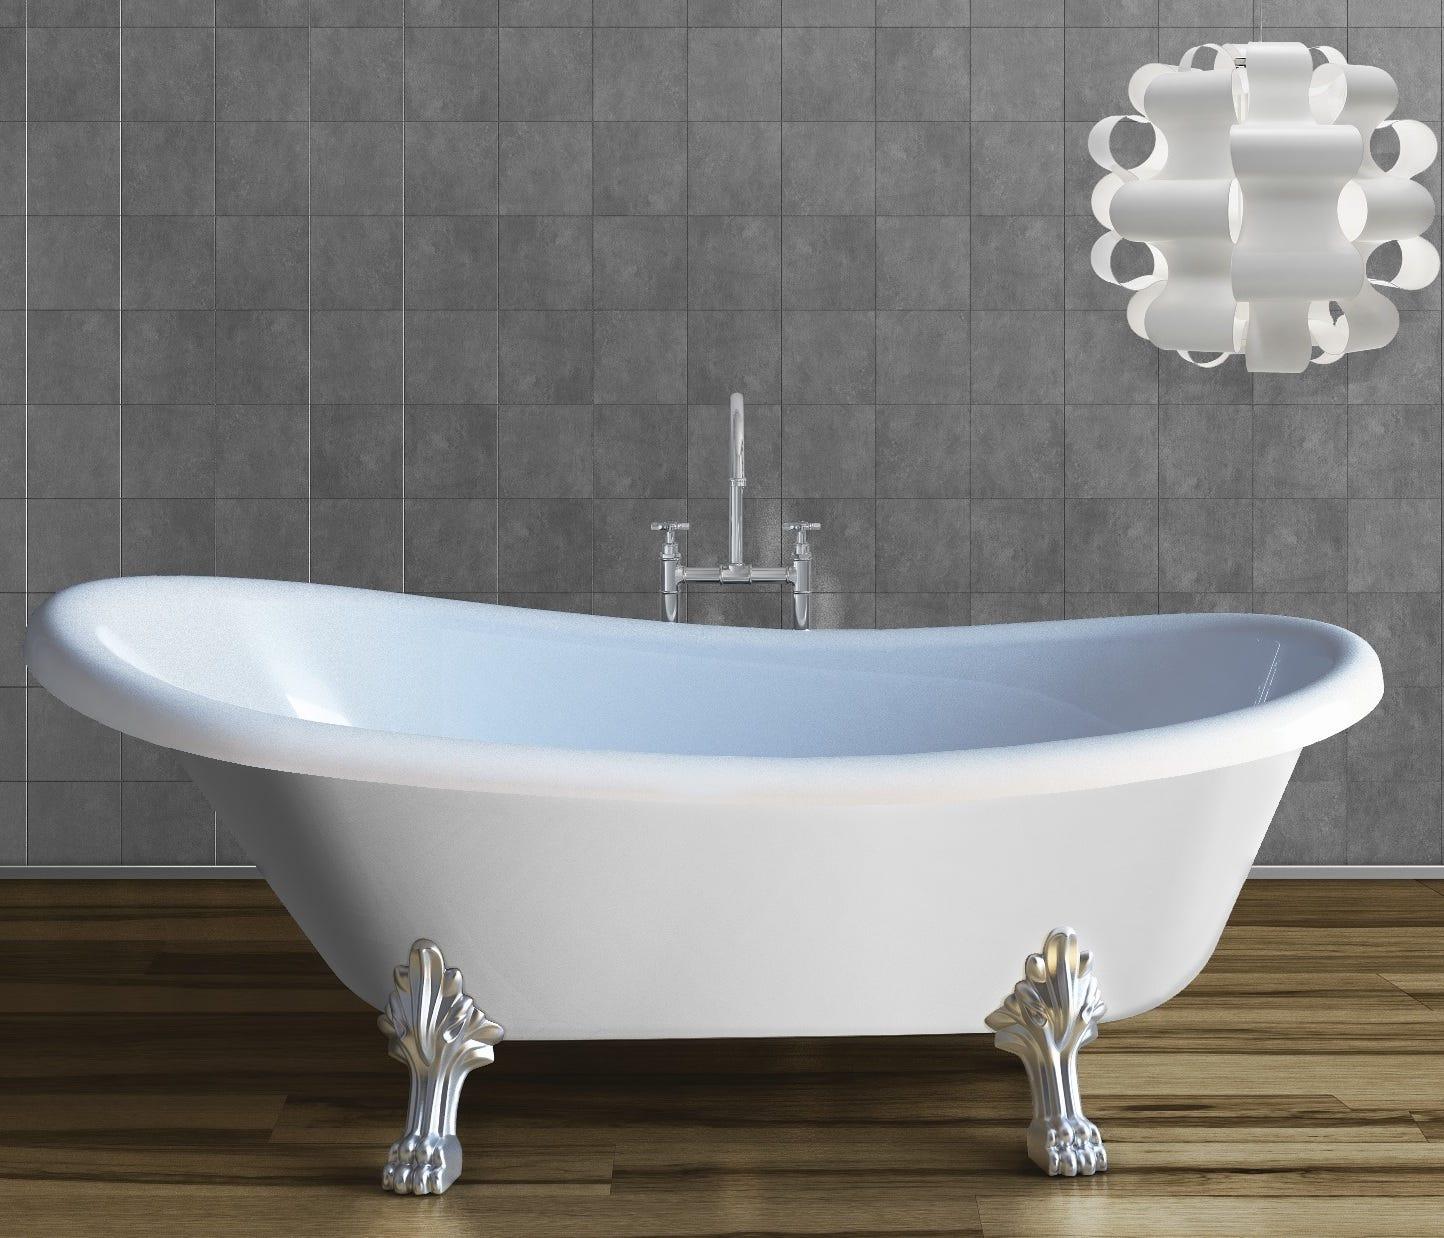 Vasca da bagno classica con piedini in marmo ricomposto - Vasca da bagno con piedini ...